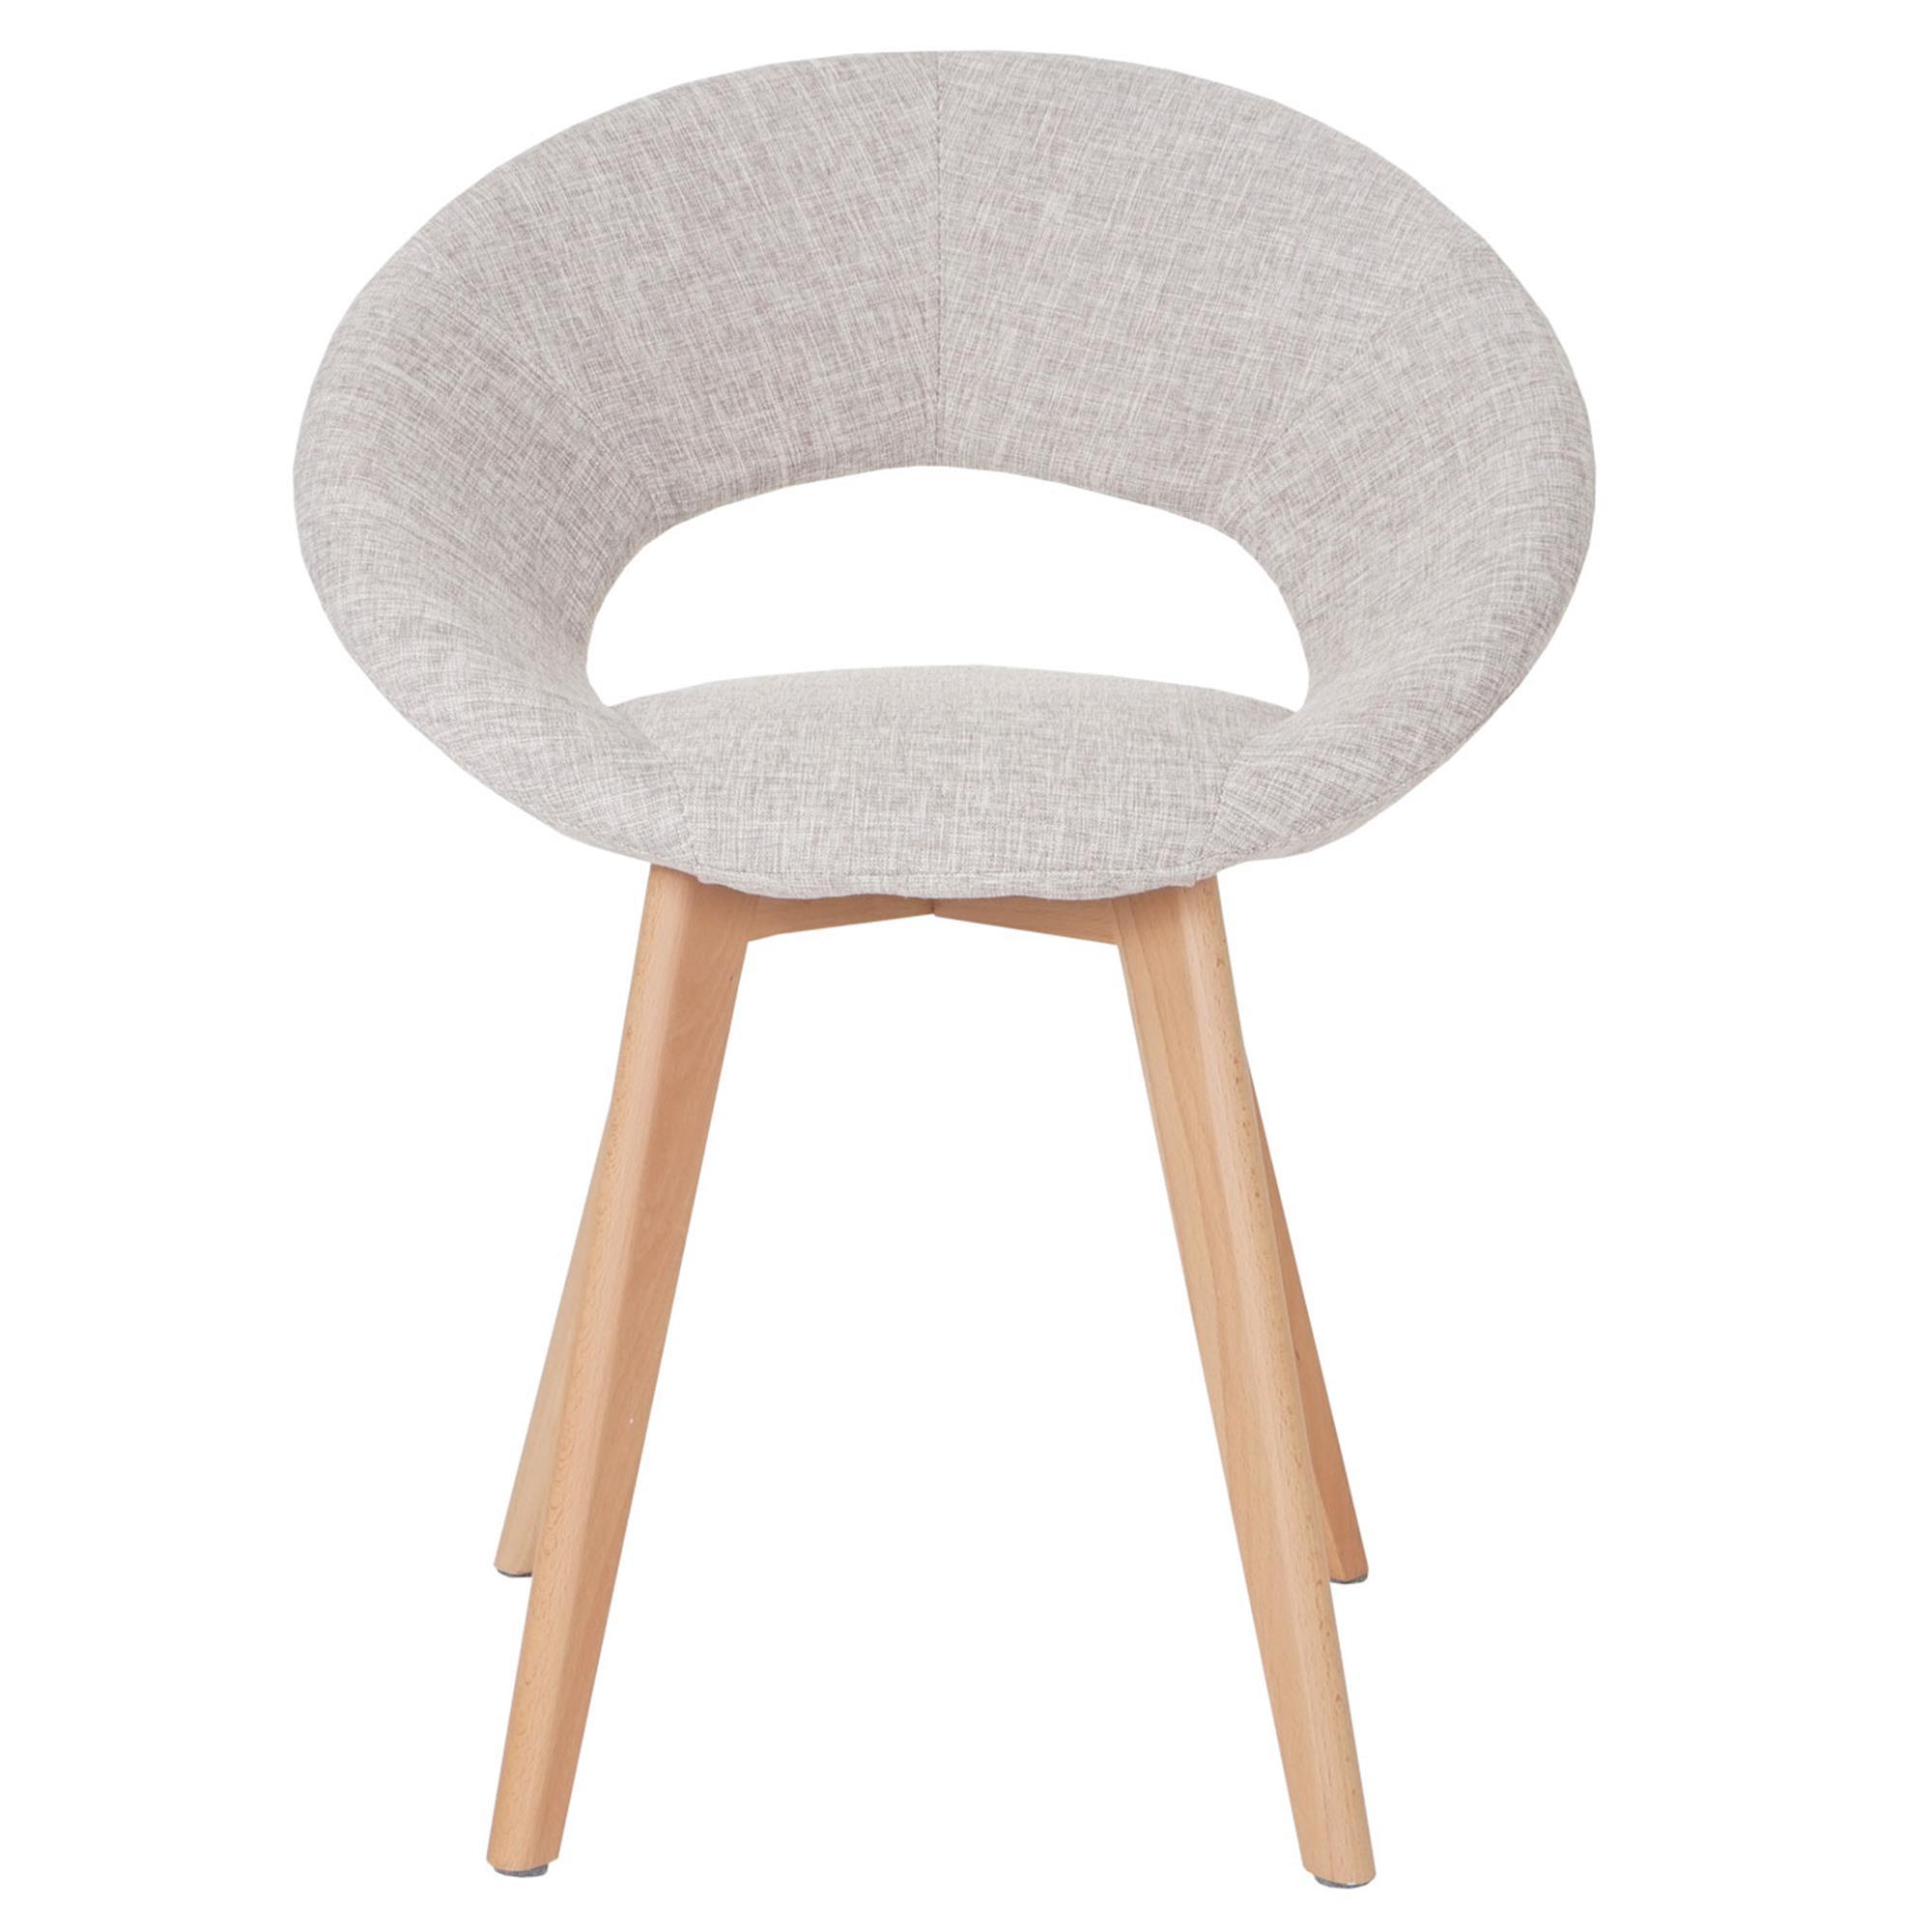 Silla de comedor vedri dise o retro en tela crema silla - Tela para sillas de comedor ...